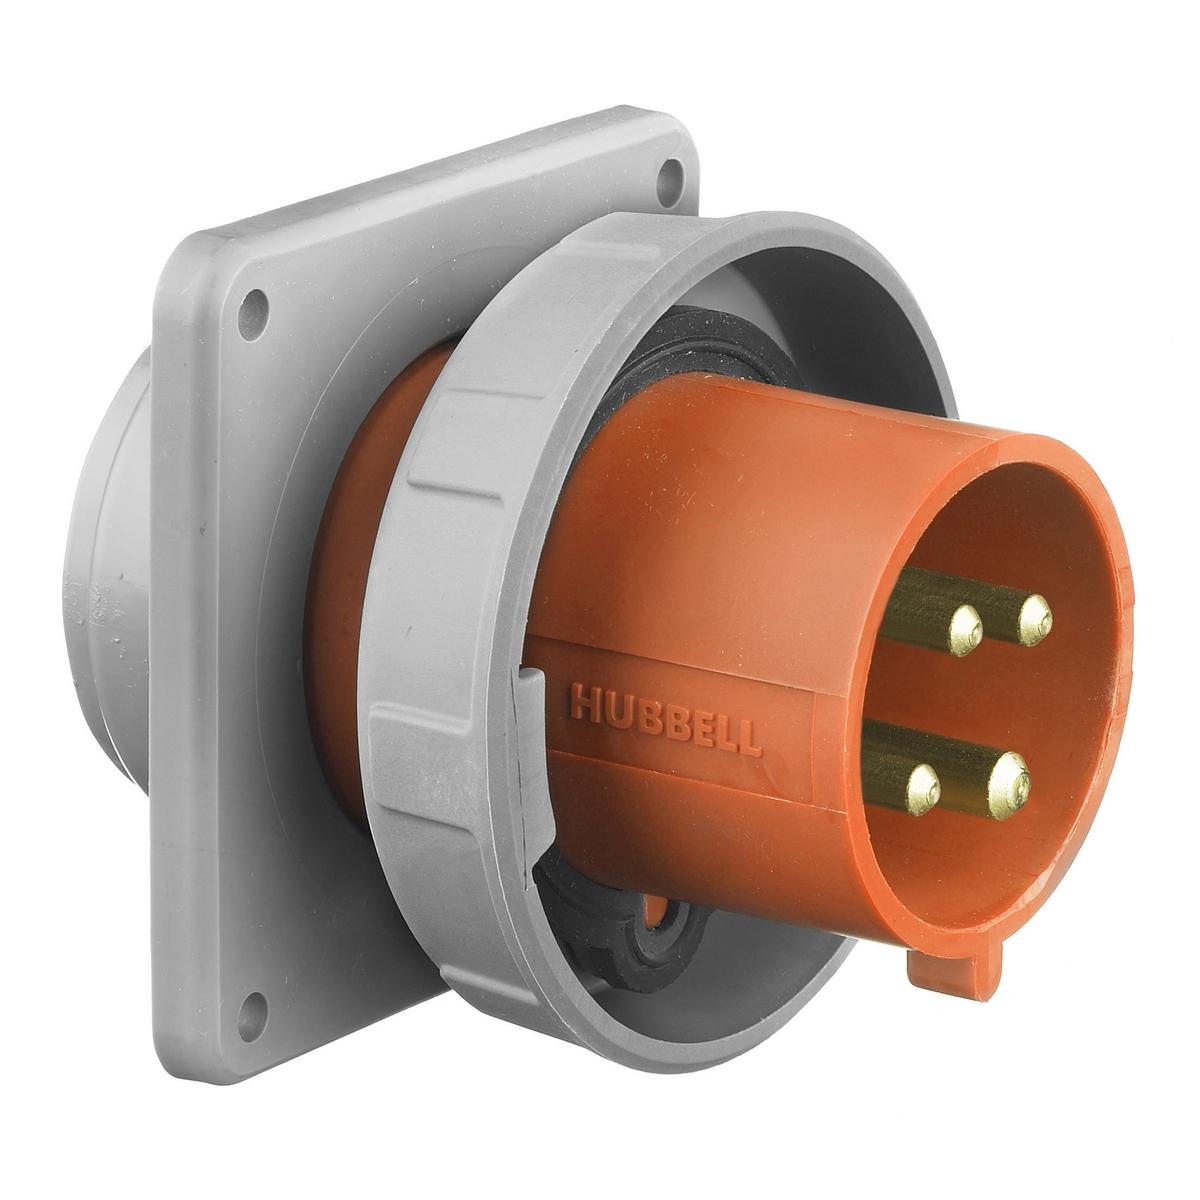 Hubbell HBL430B12W PS, IEC, B, 3P4W, 30A 125/250V, IP67